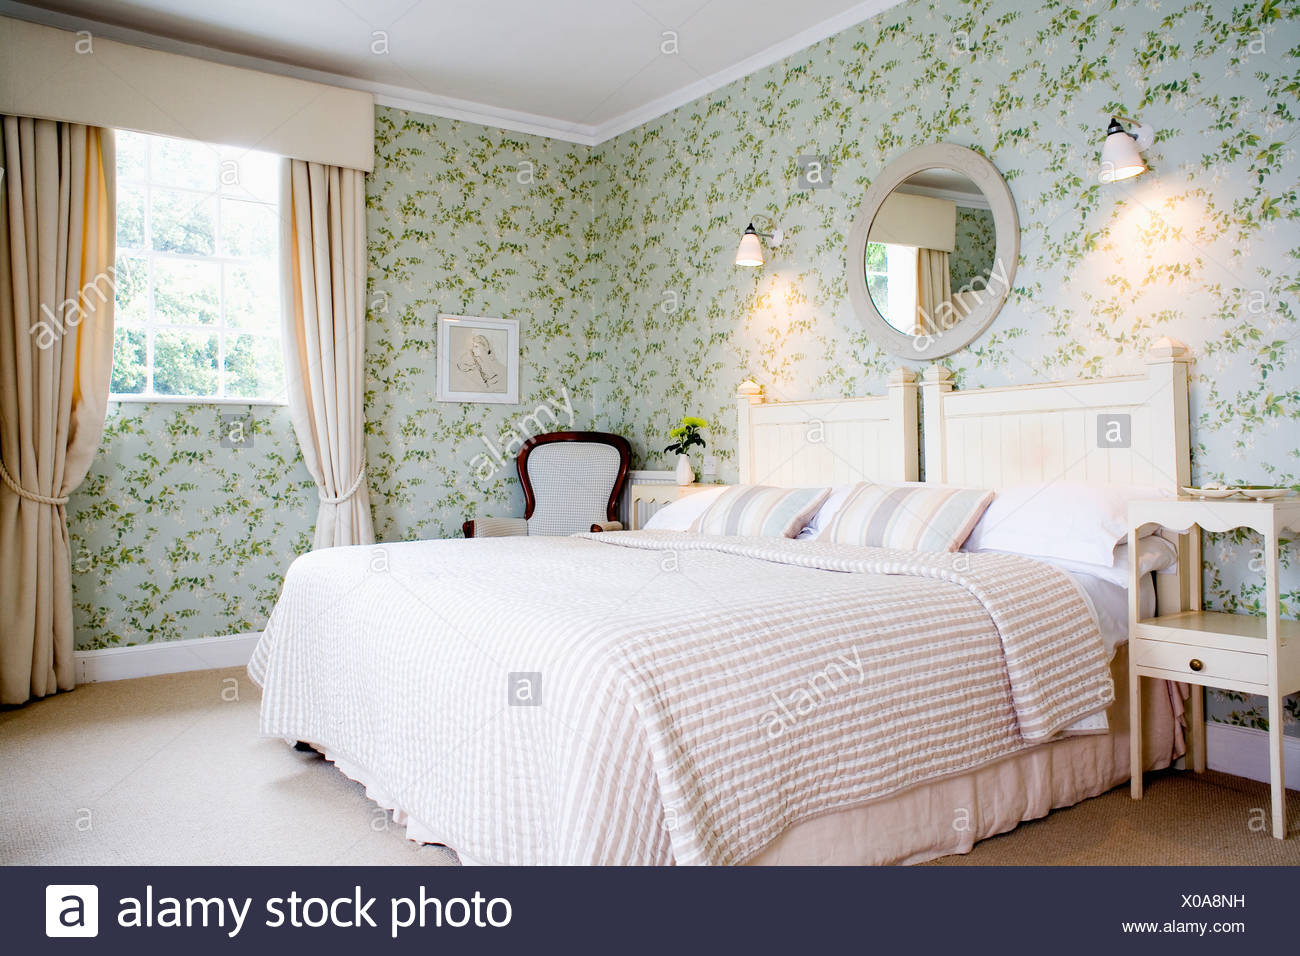 Wandleuchten über Bett mit Creme Bettdecke im traditionellen ...